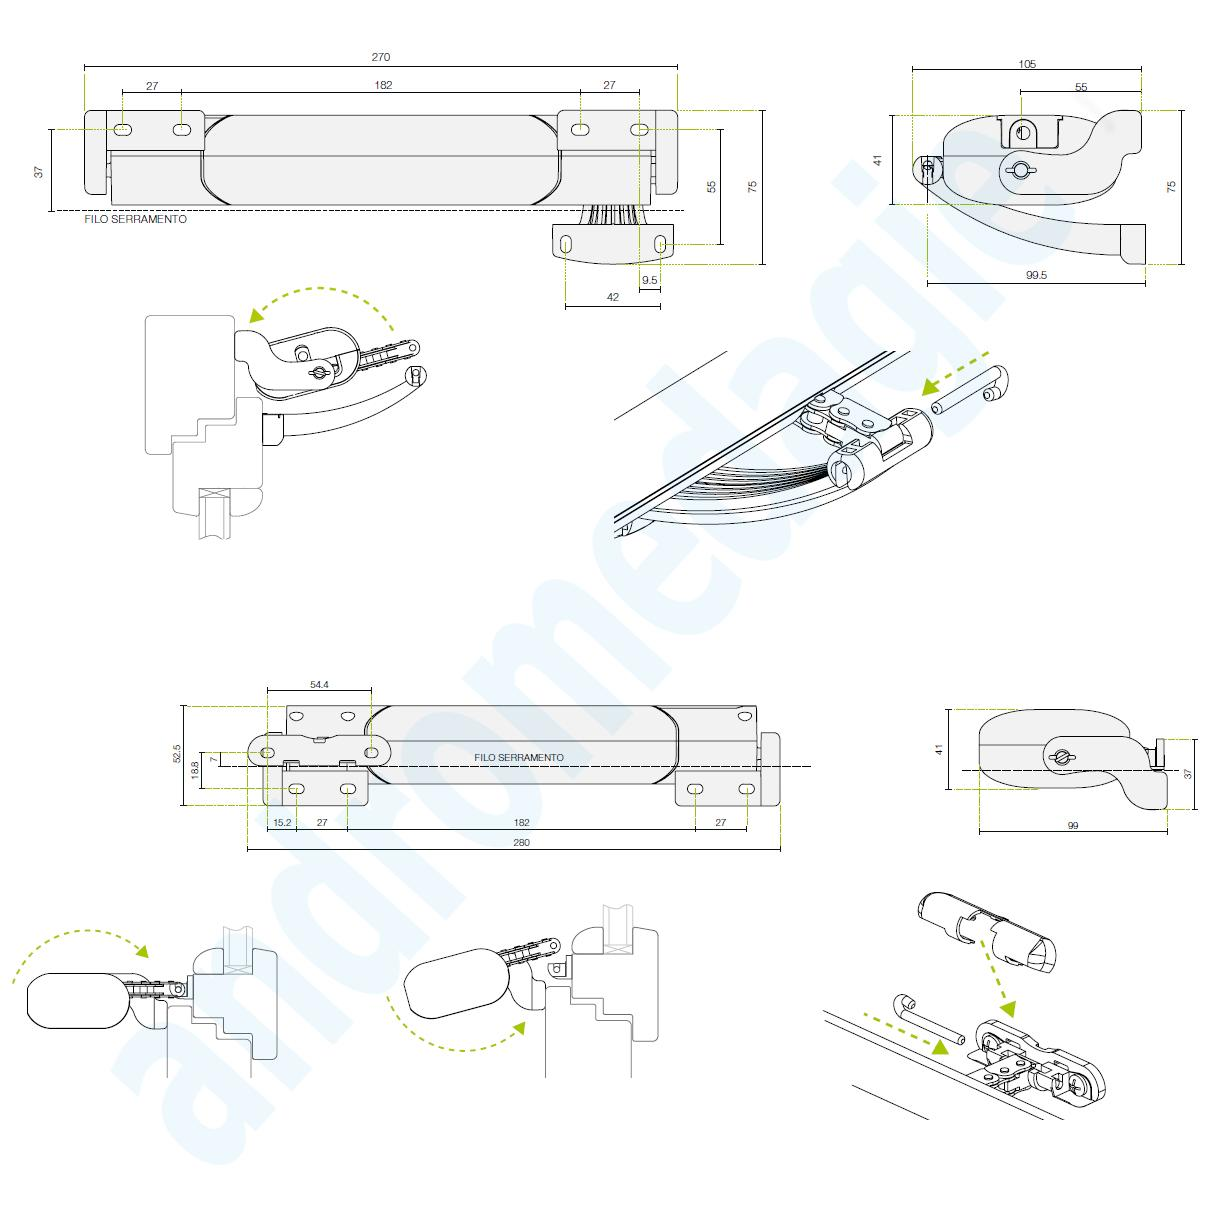 SMART 230V NERO + STAFFE DI SUPPORTO PER ABBAINO NERE